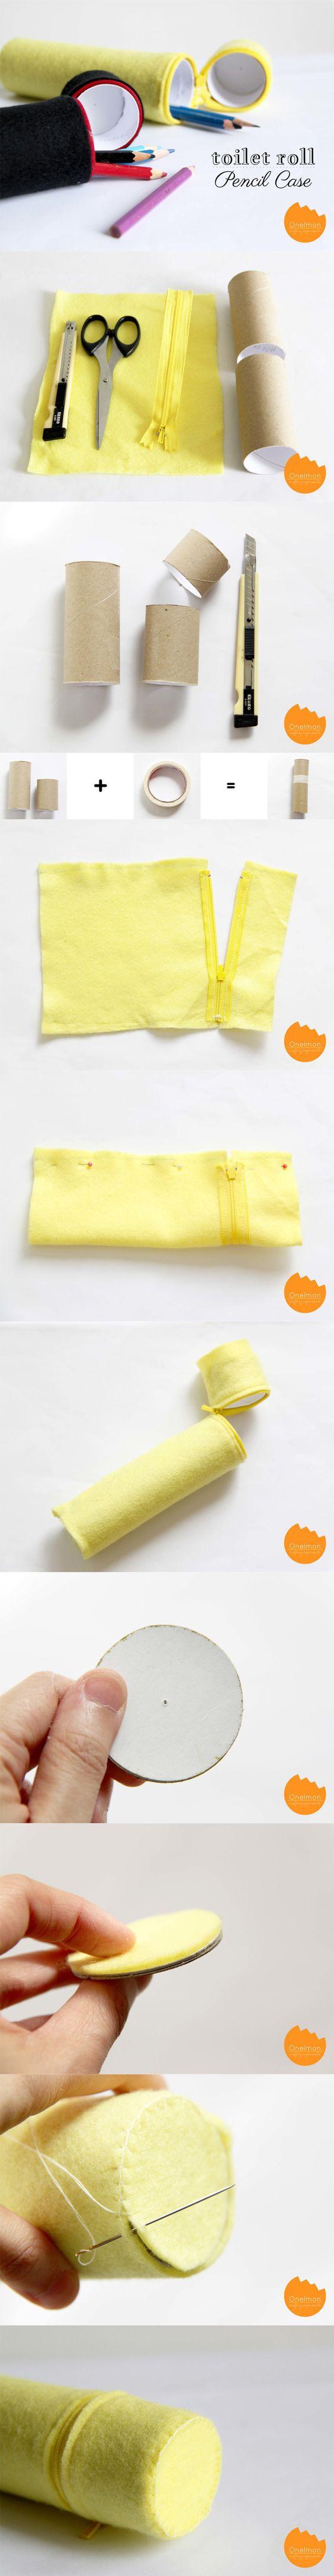 Estuche para lápices con tubos de cartón #pin_it @mundodascasas see more here: www.mundodascasas.com.br: